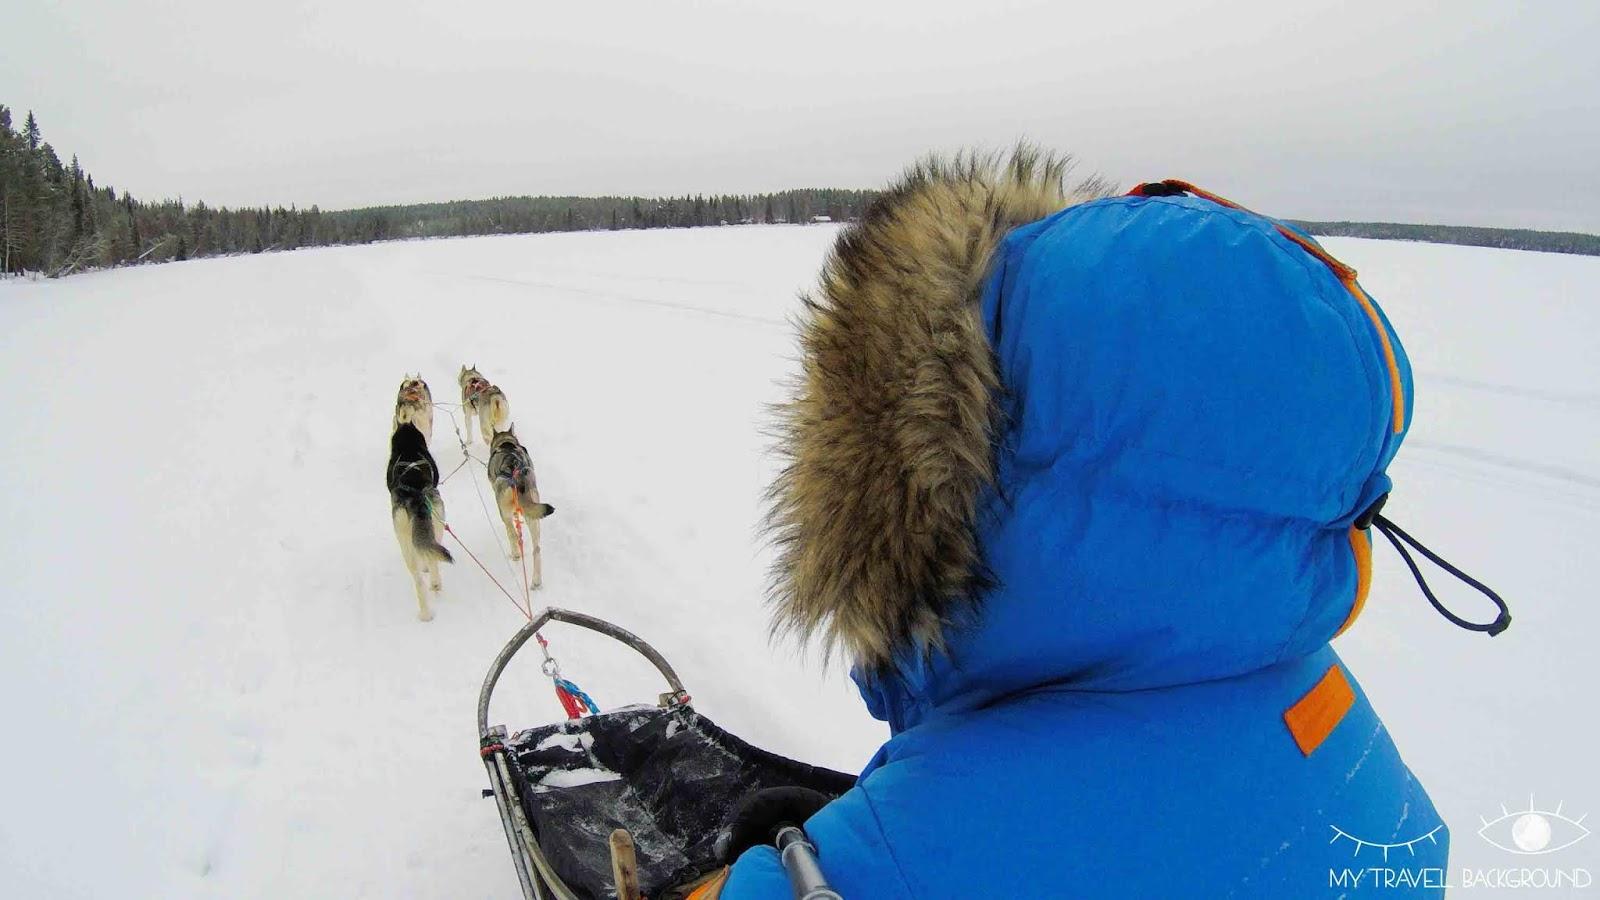 My Travel Background : road trip de 10 jours autour de la mer baltique : Danemark, Finlande, Estonie - Chien de traîneau à Rovaniemi, Finlande